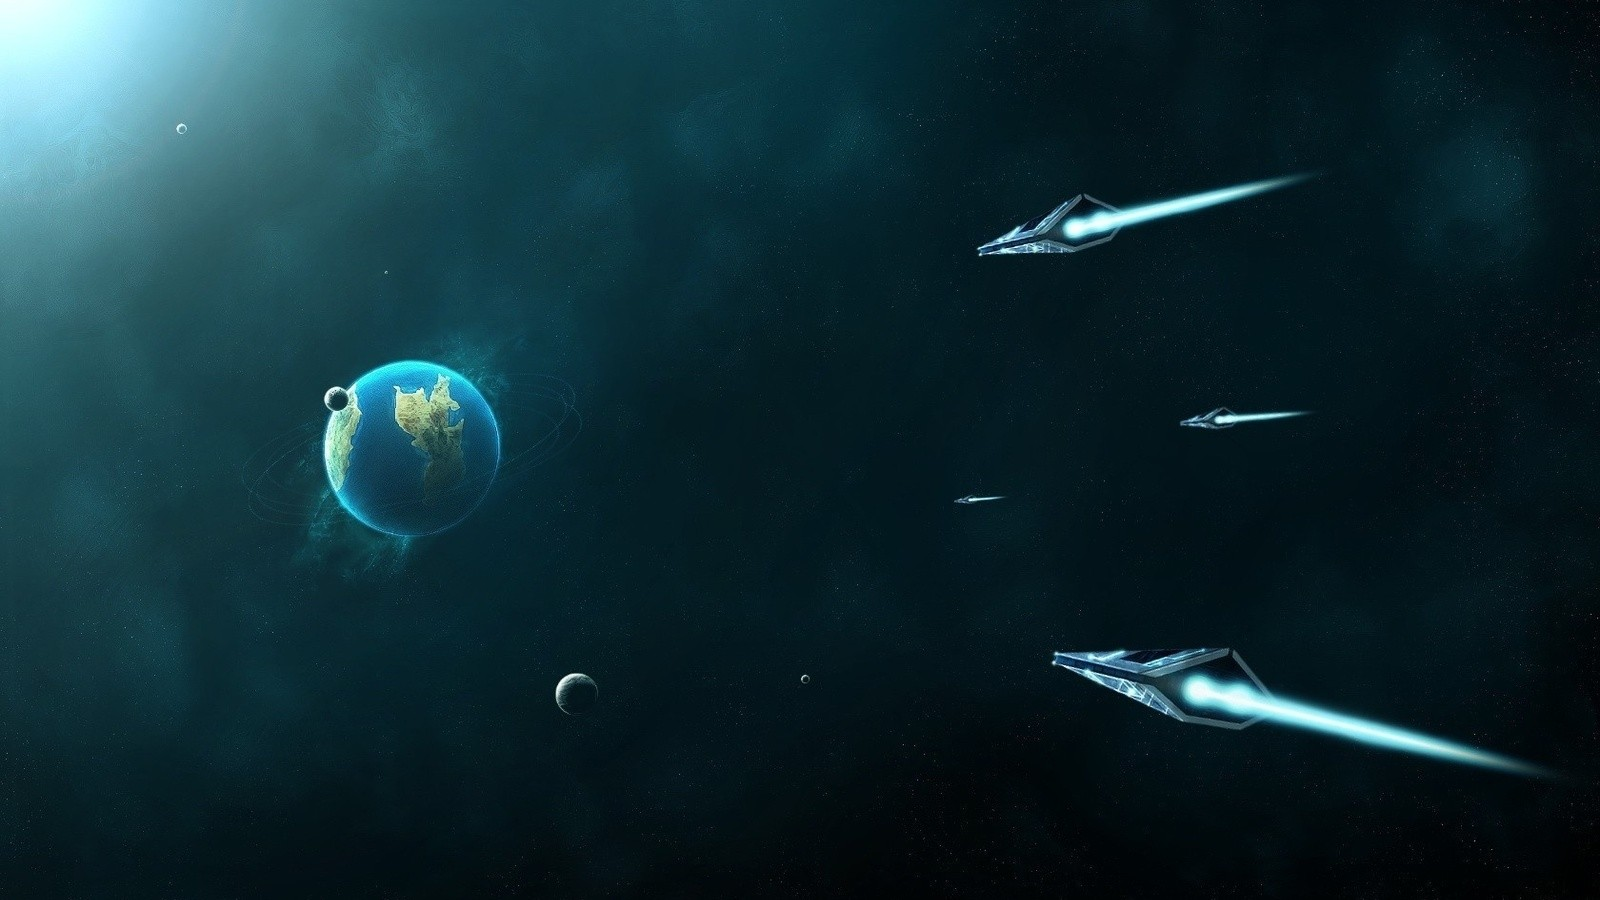 Уфологи обвиняют руководство США впредстоящем нашествии НЛО наЗемлю